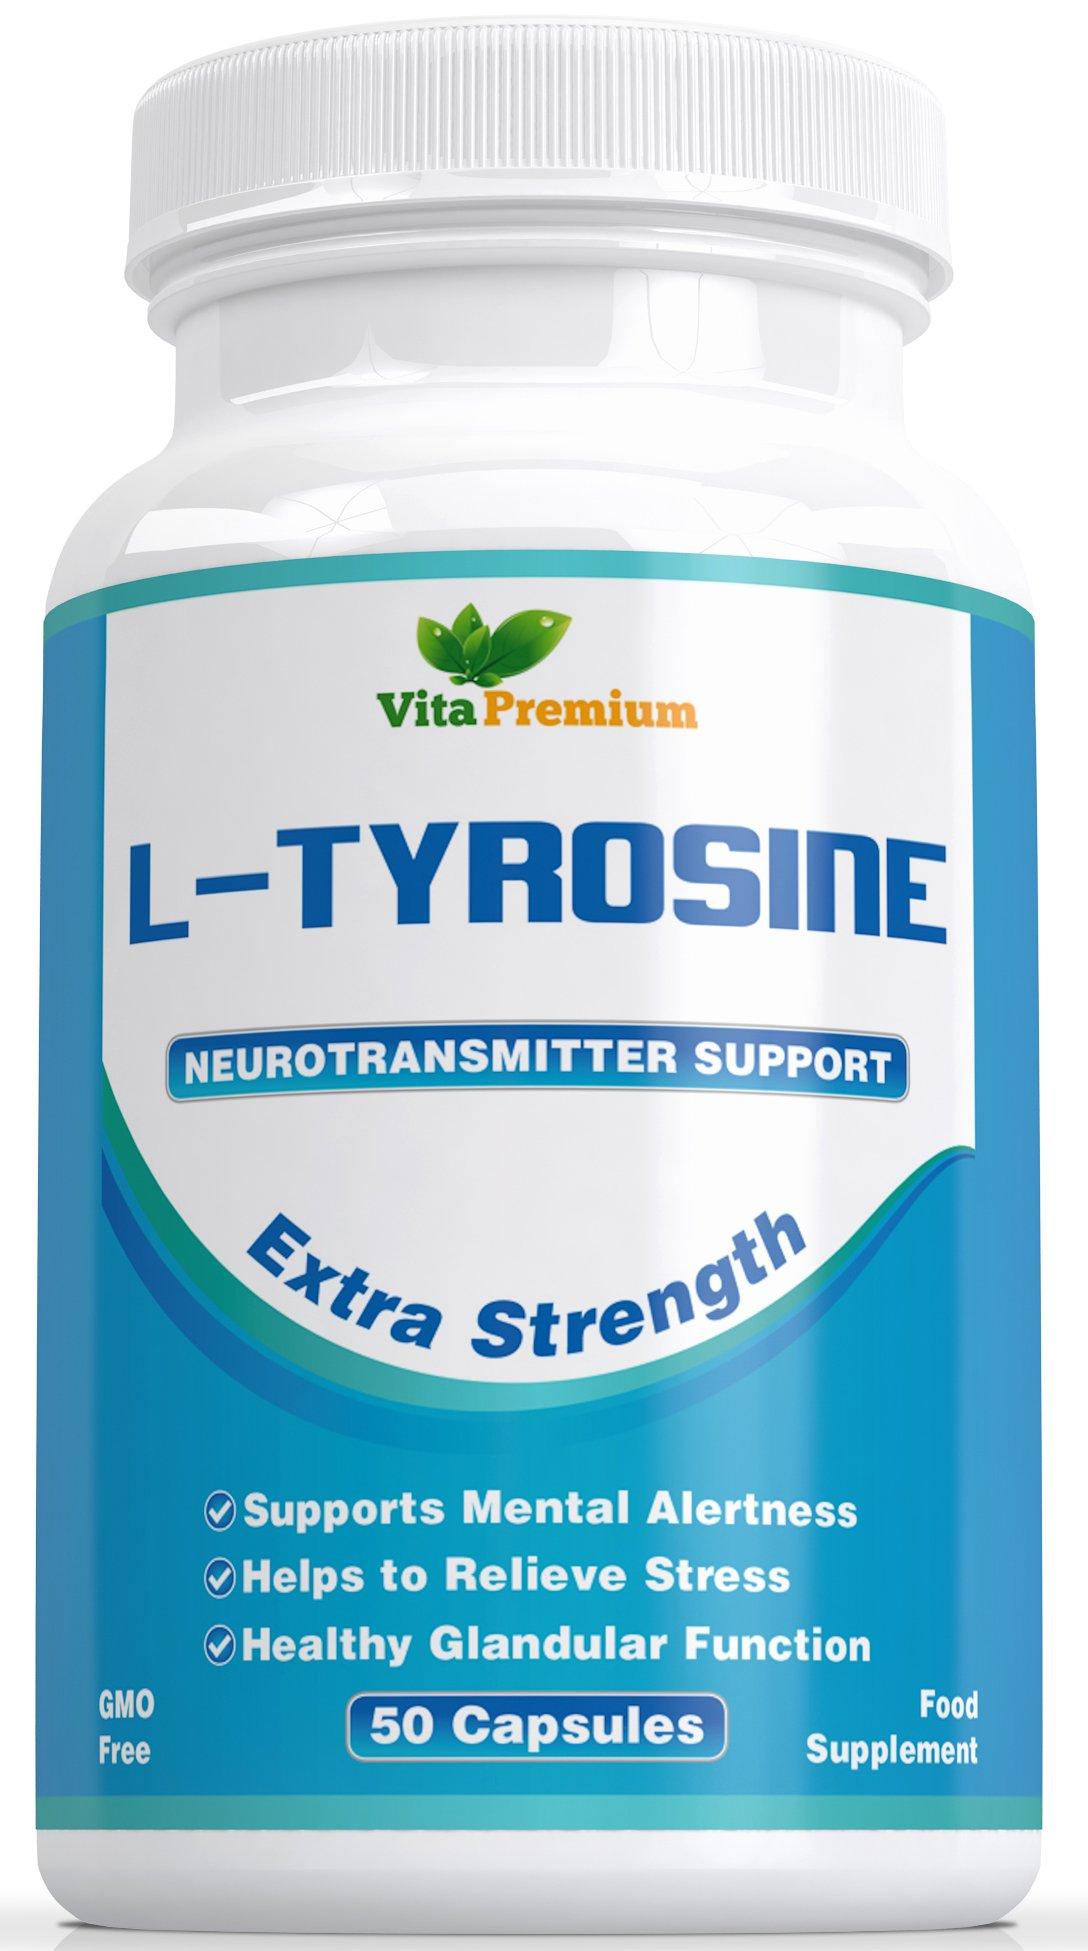 71Q2ahM3dgL - L-Tyrosine Extra Strength, Amino Acids, 50 Veggie Capsules by Vita Premium